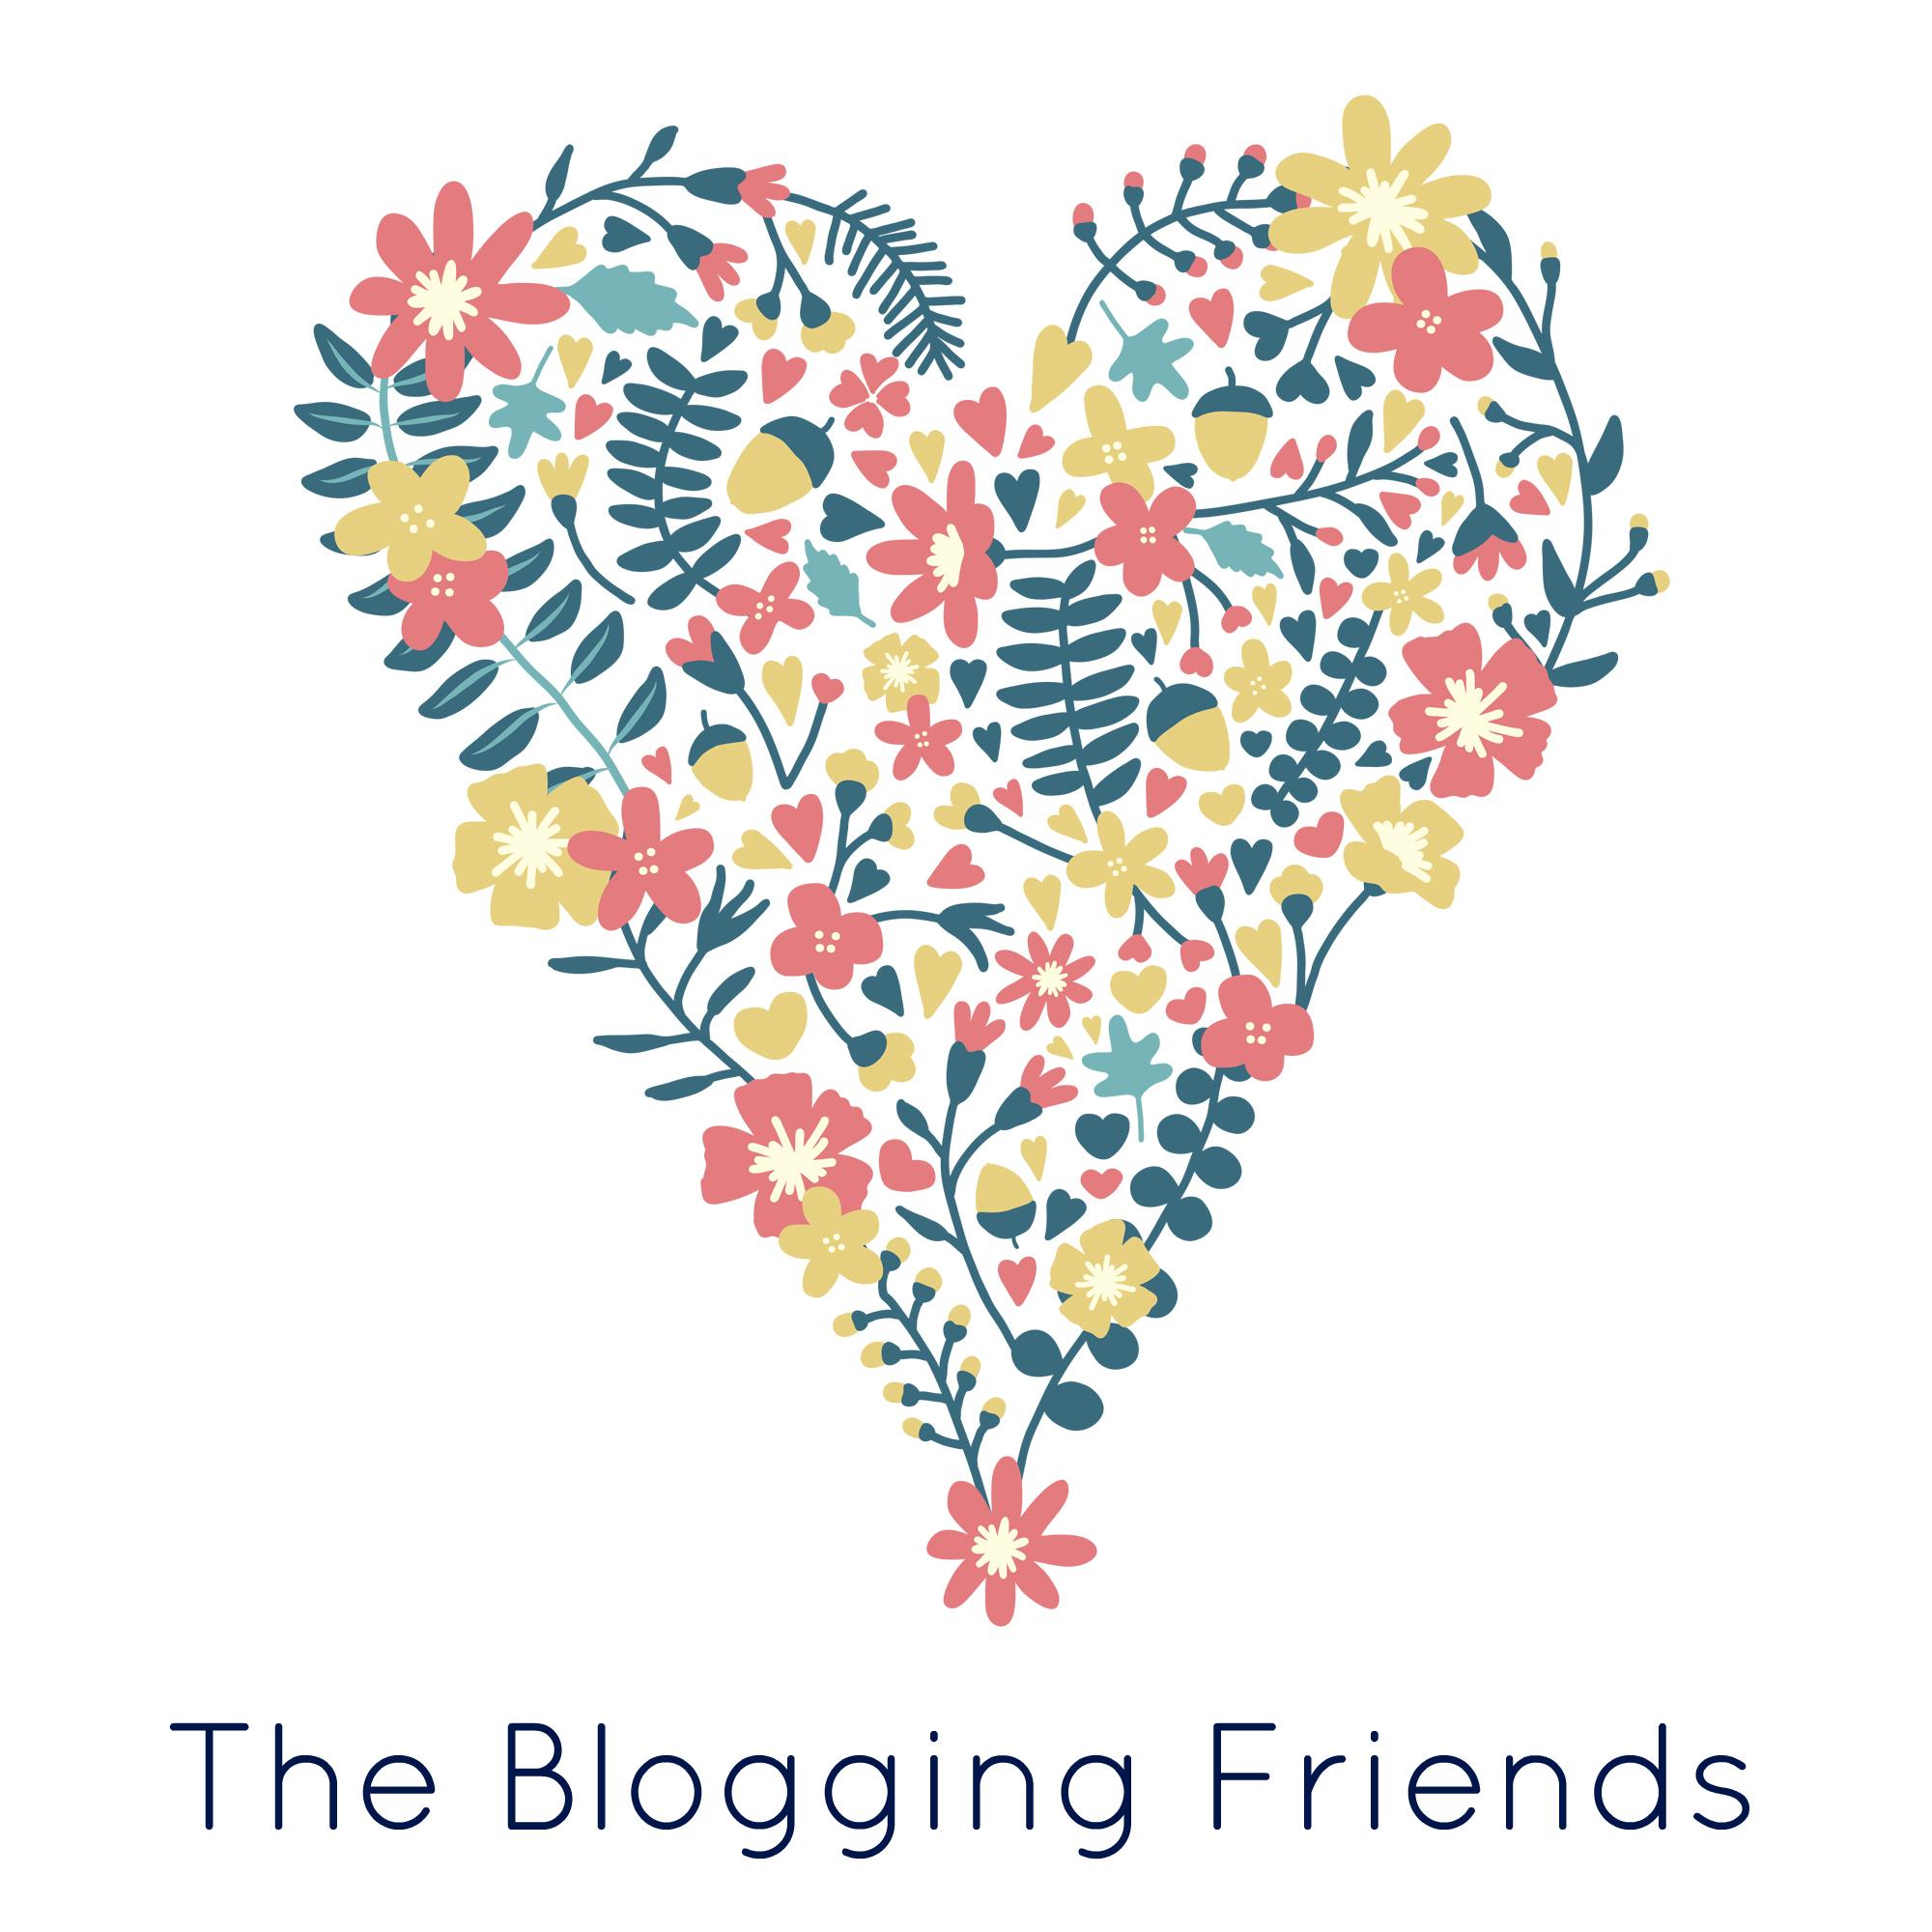 thebloggingfriends-copy